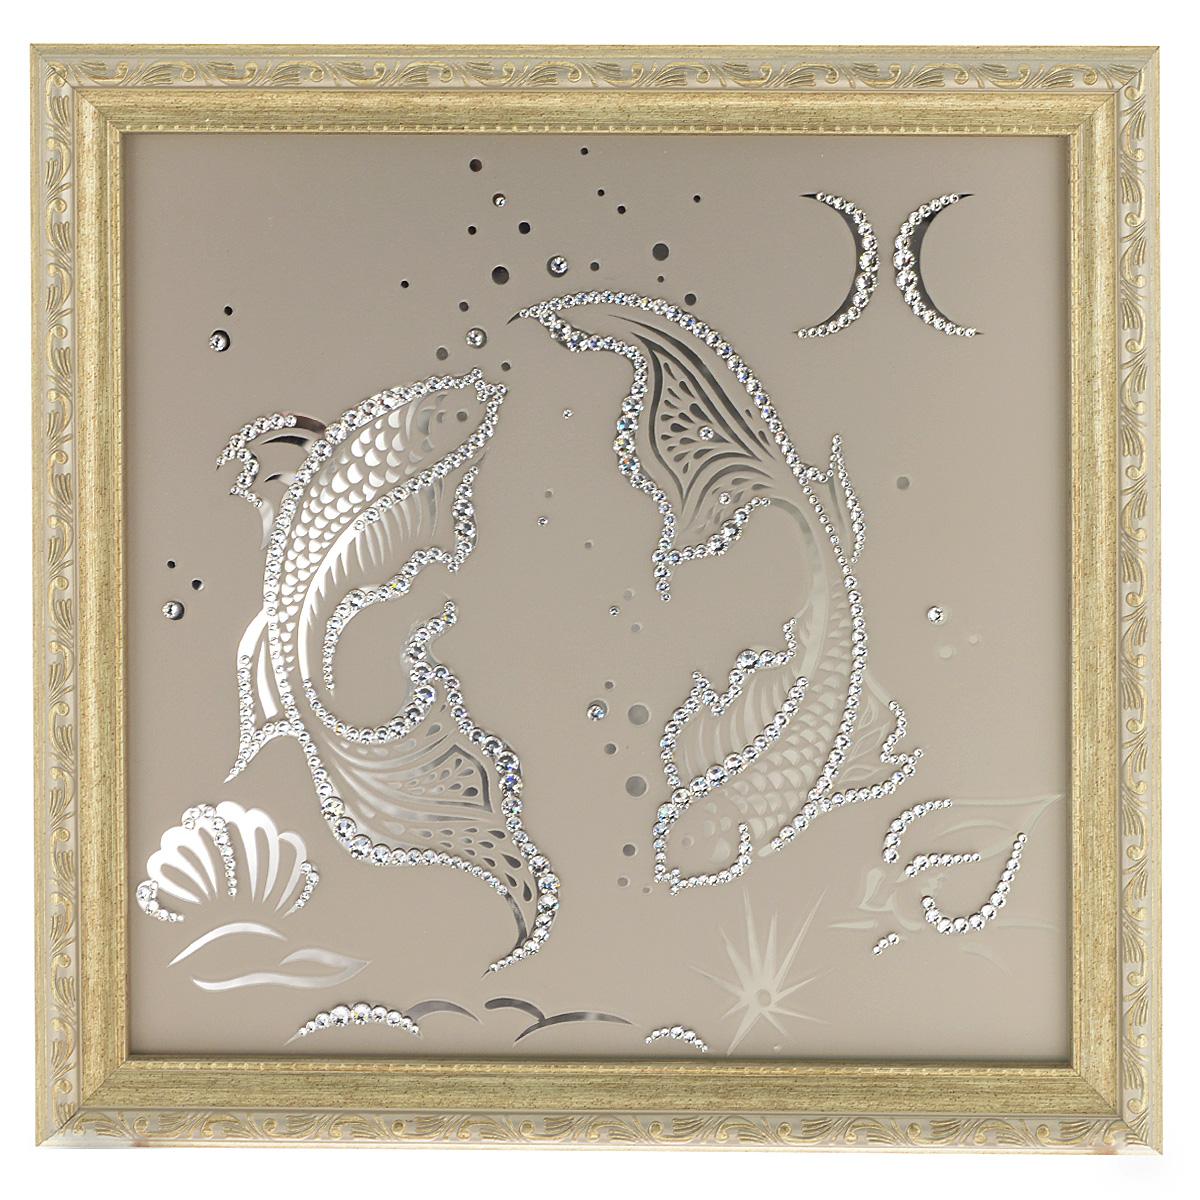 Картина с кристаллами Swarovski Знак зодиака. Рыбы, 35 см х 35 смPM-3001Изящная картина в багетной раме Знак зодиака. Рыбы инкрустирована кристаллами Swarovski, которые отличаются четкой и ровной огранкой, ярким блеском и чистотой цвета. Идеально подобранная палитра кристаллов прекрасно дополняет картину. С задней стороны изделие оснащено проволокой для размещения на стене. Картина с кристаллами Swarovski элегантно украсит интерьер дома, а также станет прекрасным подарком, который обязательно понравится получателю. Блеск кристаллов в интерьере - что может быть сказочнее и удивительнее. Изделие упаковано в подарочную картонную коробку синего цвета и комплектуется сертификатом соответствия Swarovski.